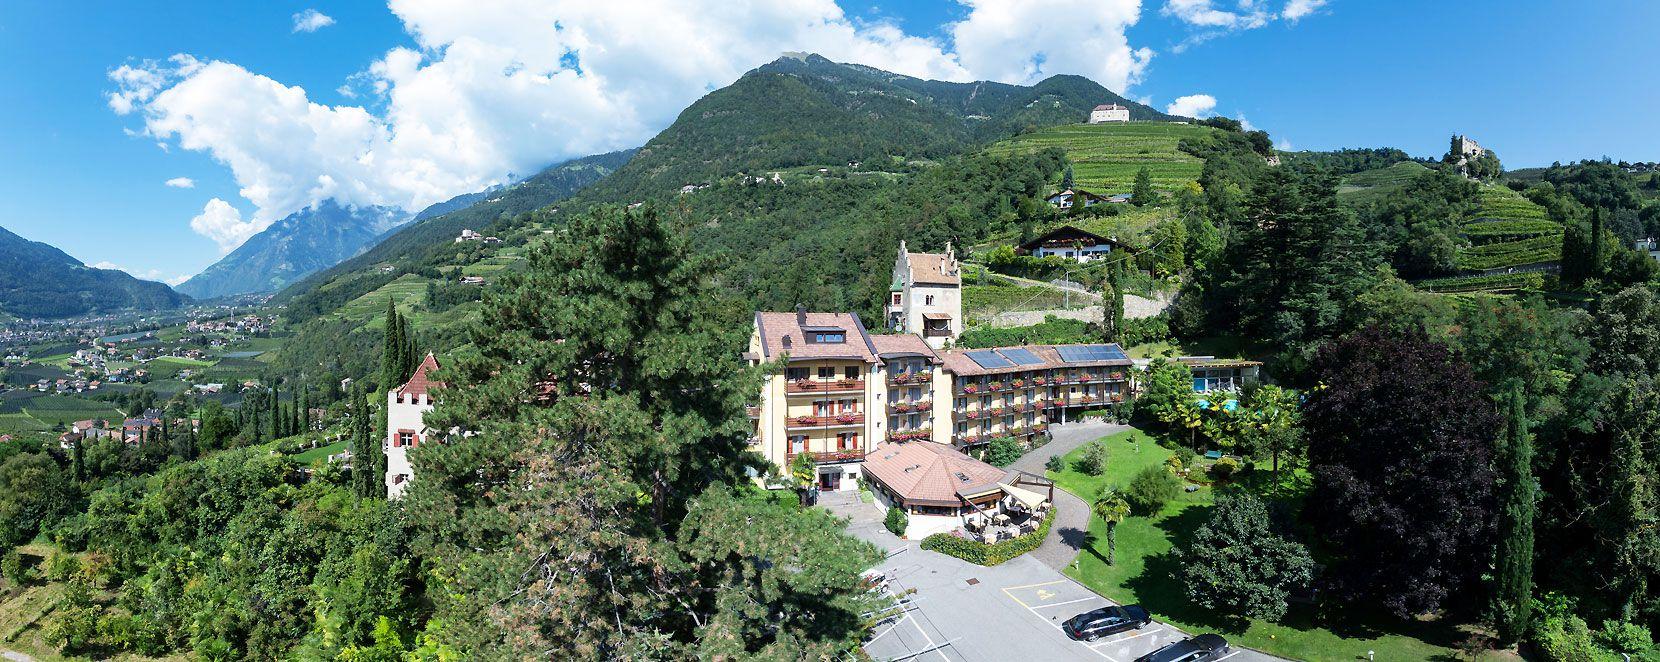 Hotel in dorf tirol hotel thurnergut s dorf tirol meran for Design hotel dorf tirol